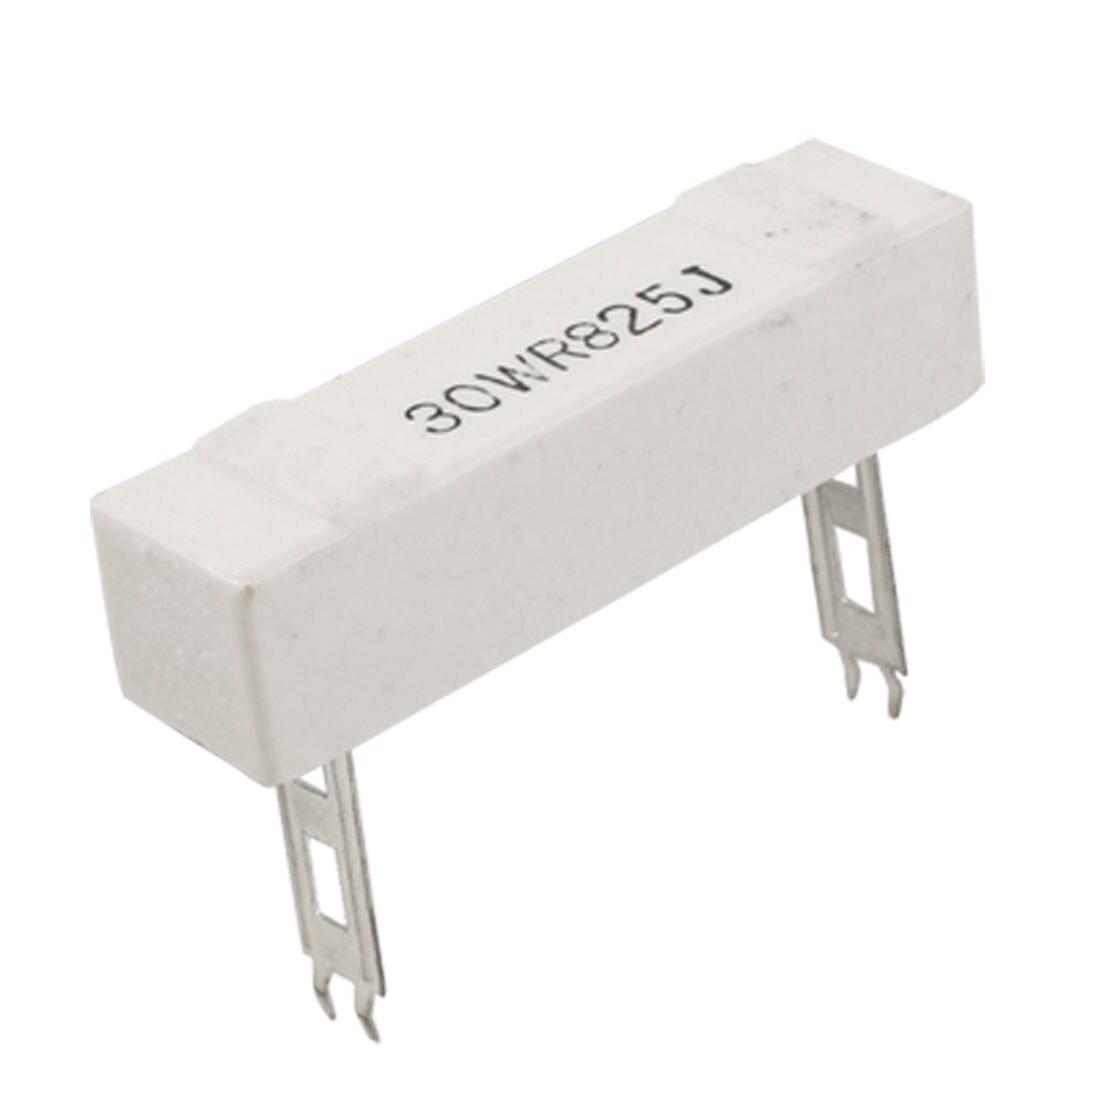 Shop Unique Bargains Wire Wound Ceramic Cement Resistor 0.825 Ohm ...